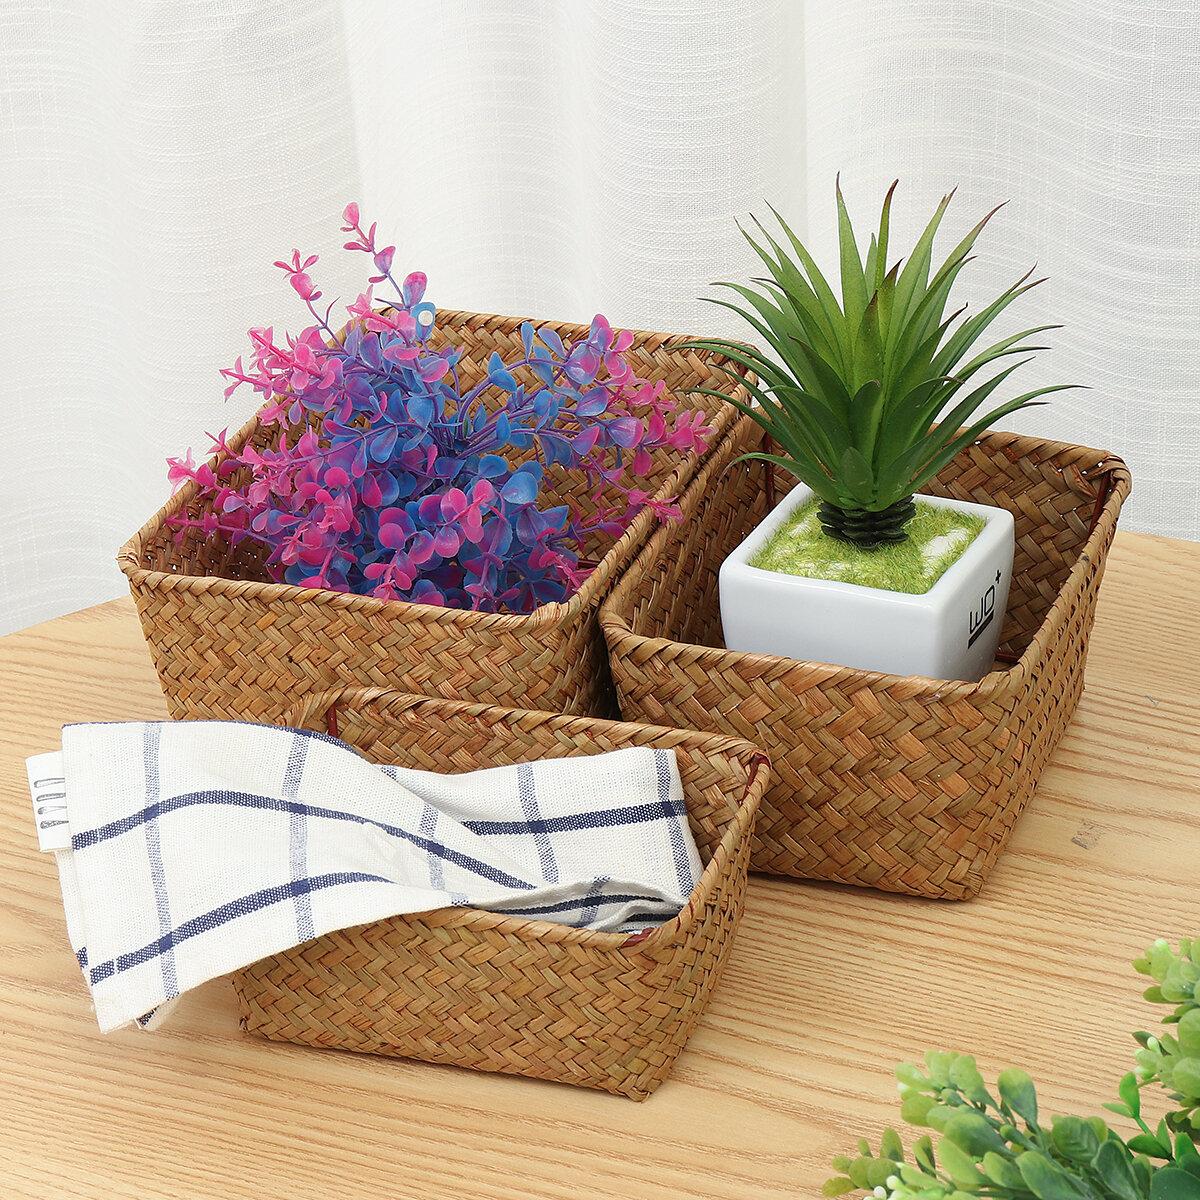 Seagrass Woven Storage Basket Flower Basket Storage Holder Plant Pot Laundry Organizer Bag Garden Decoration